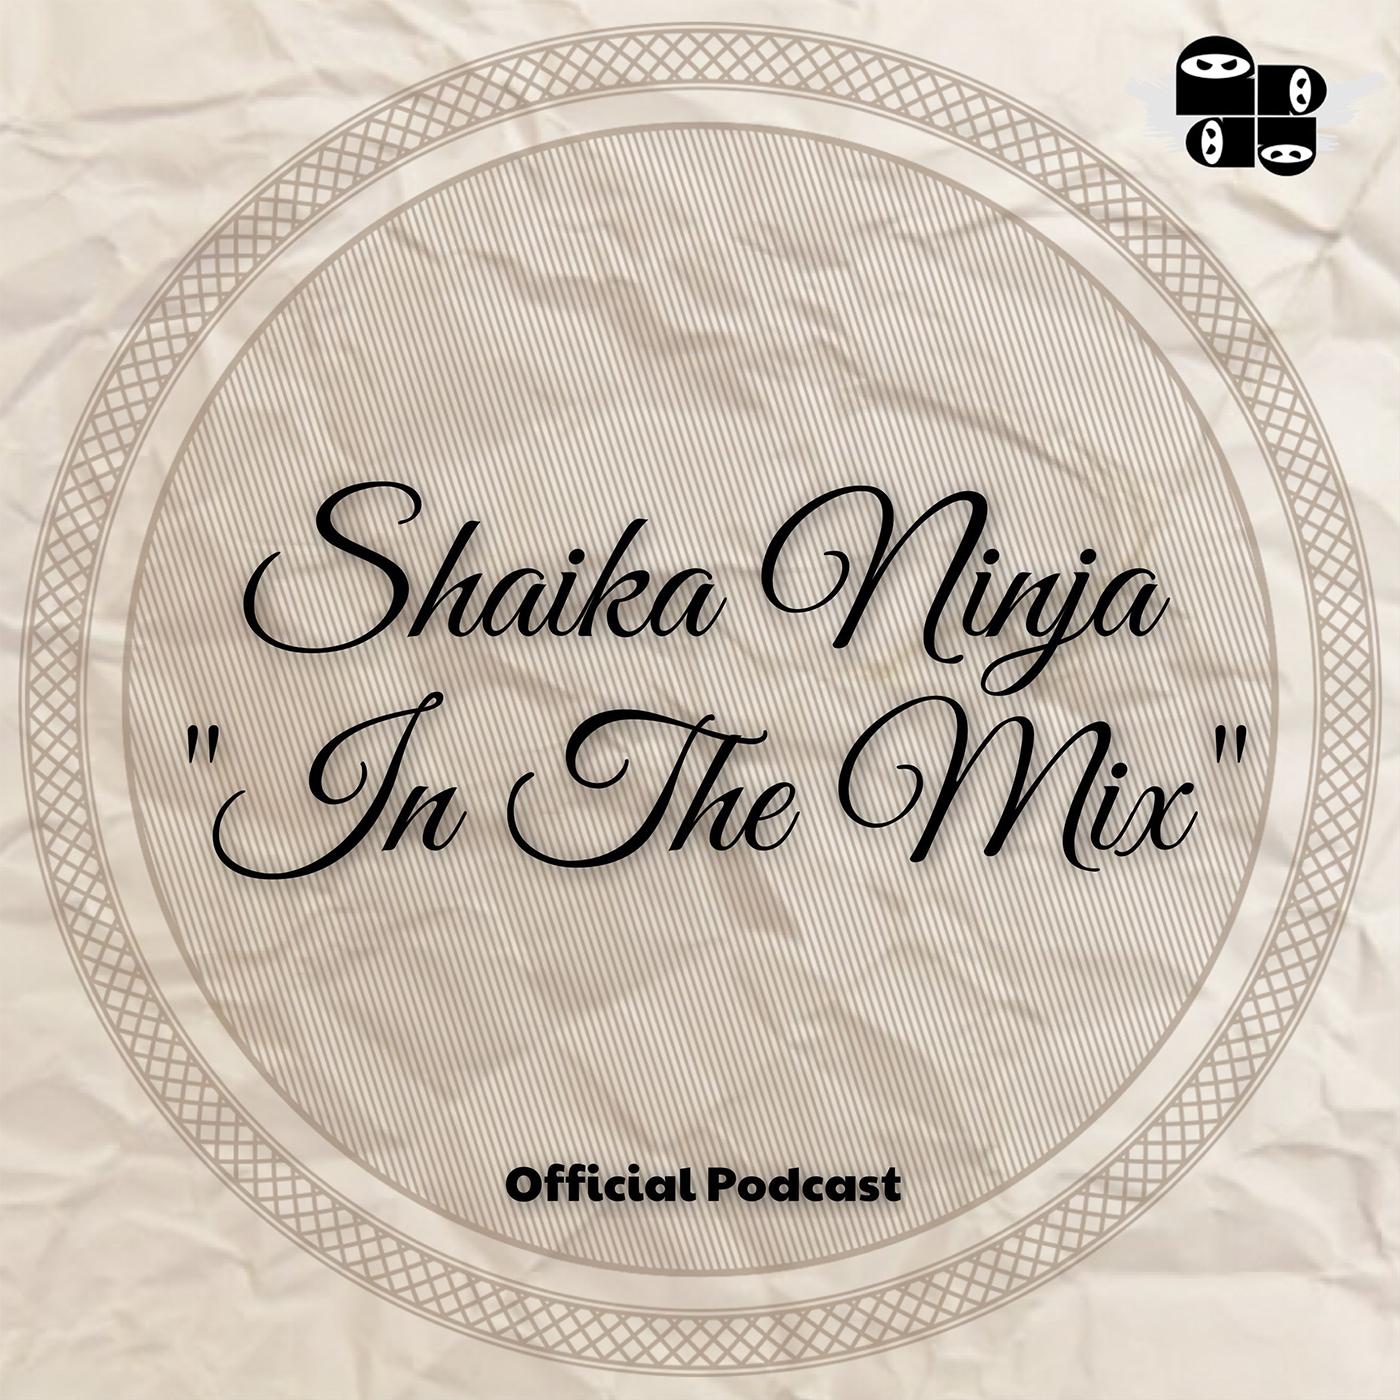 Shaika Ninja in the Mix